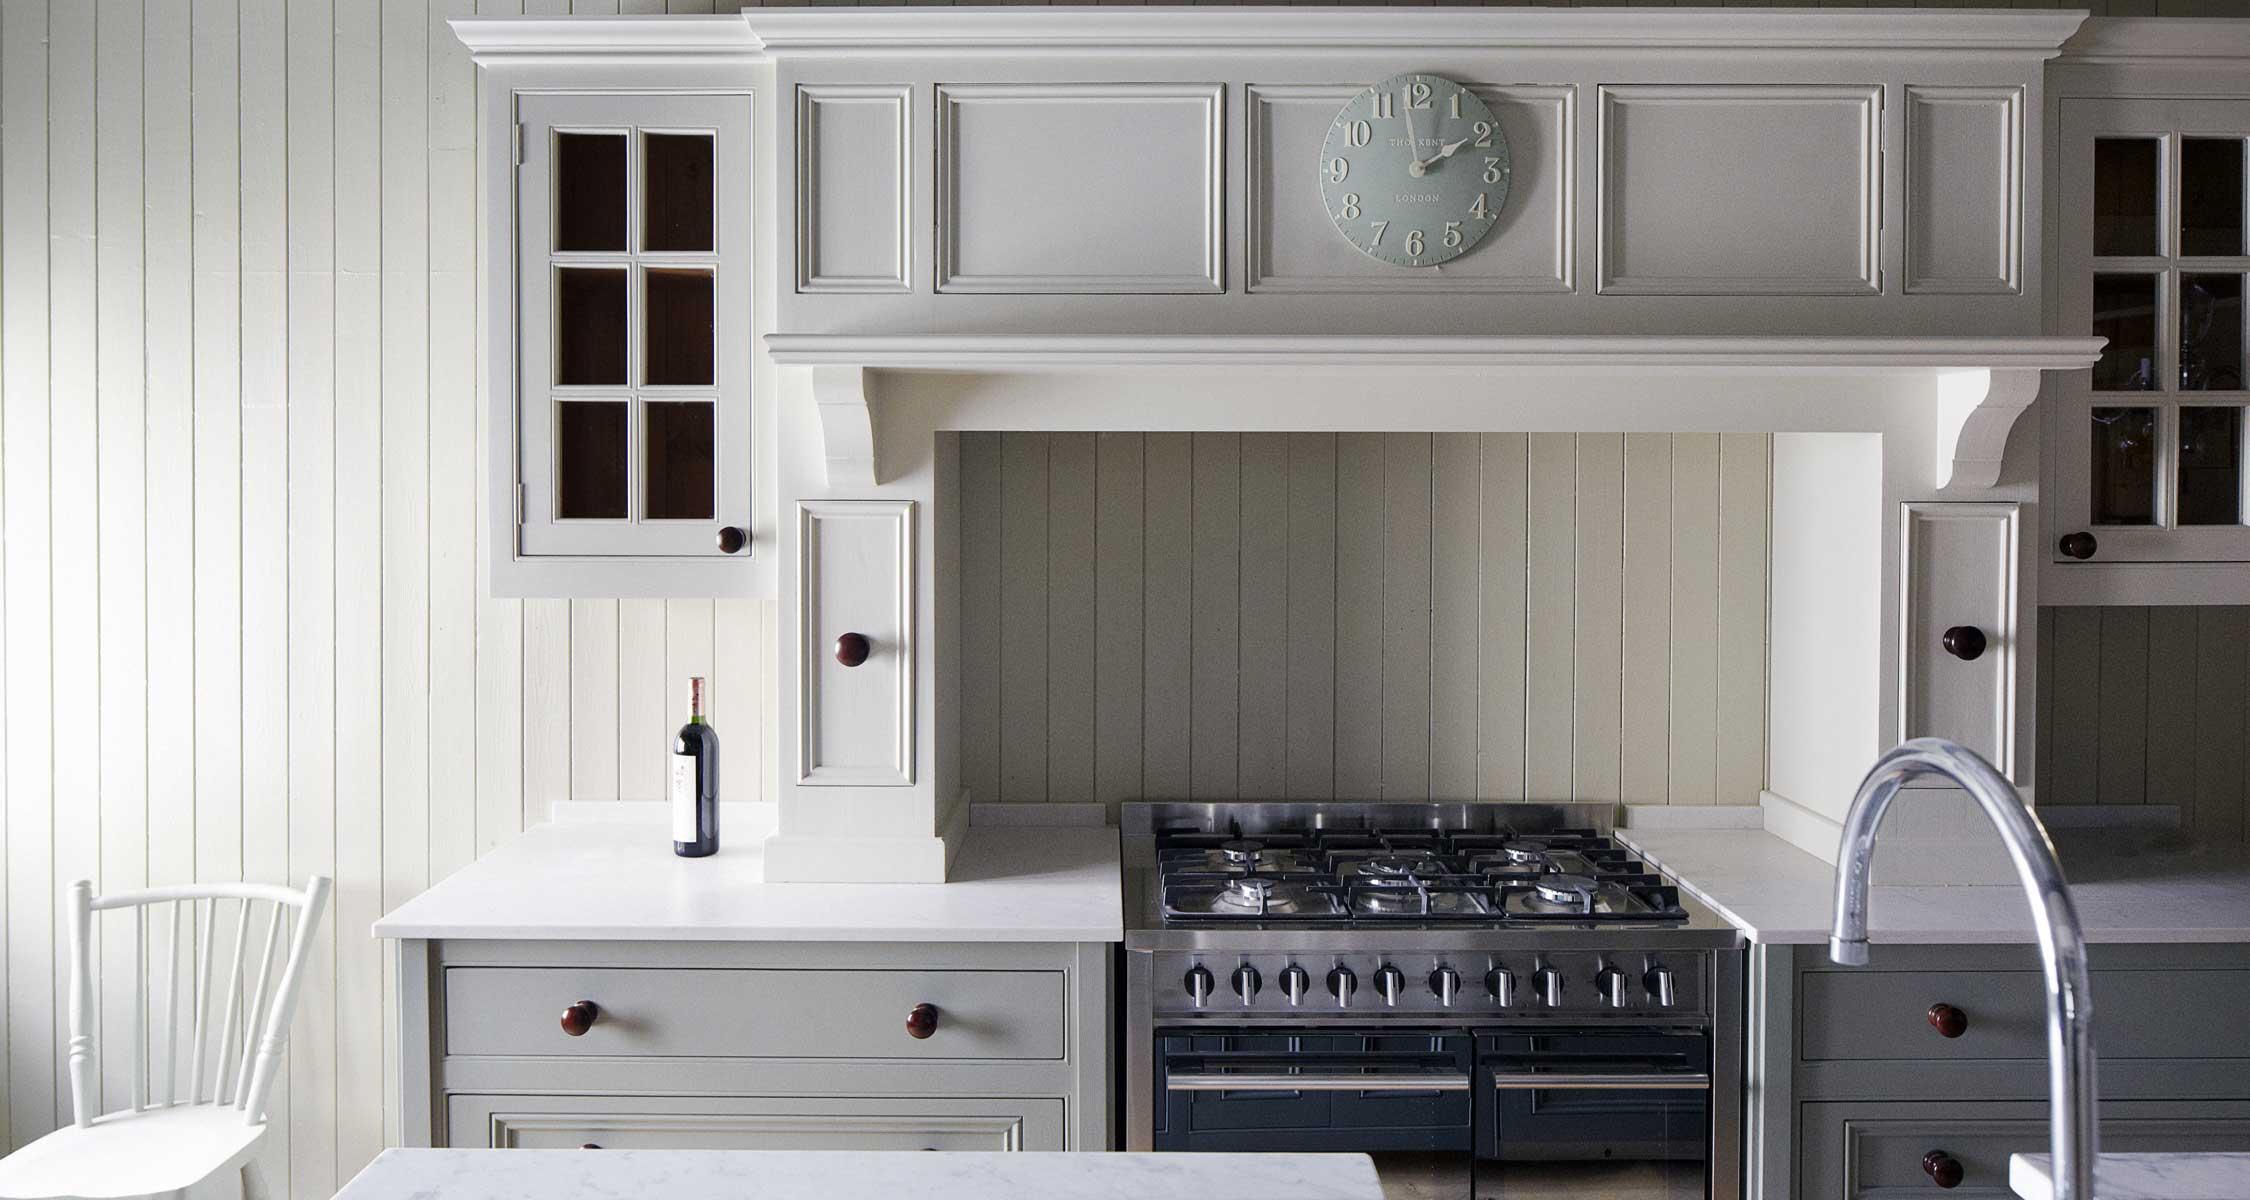 handmade-kitchens-dublin-11jpg